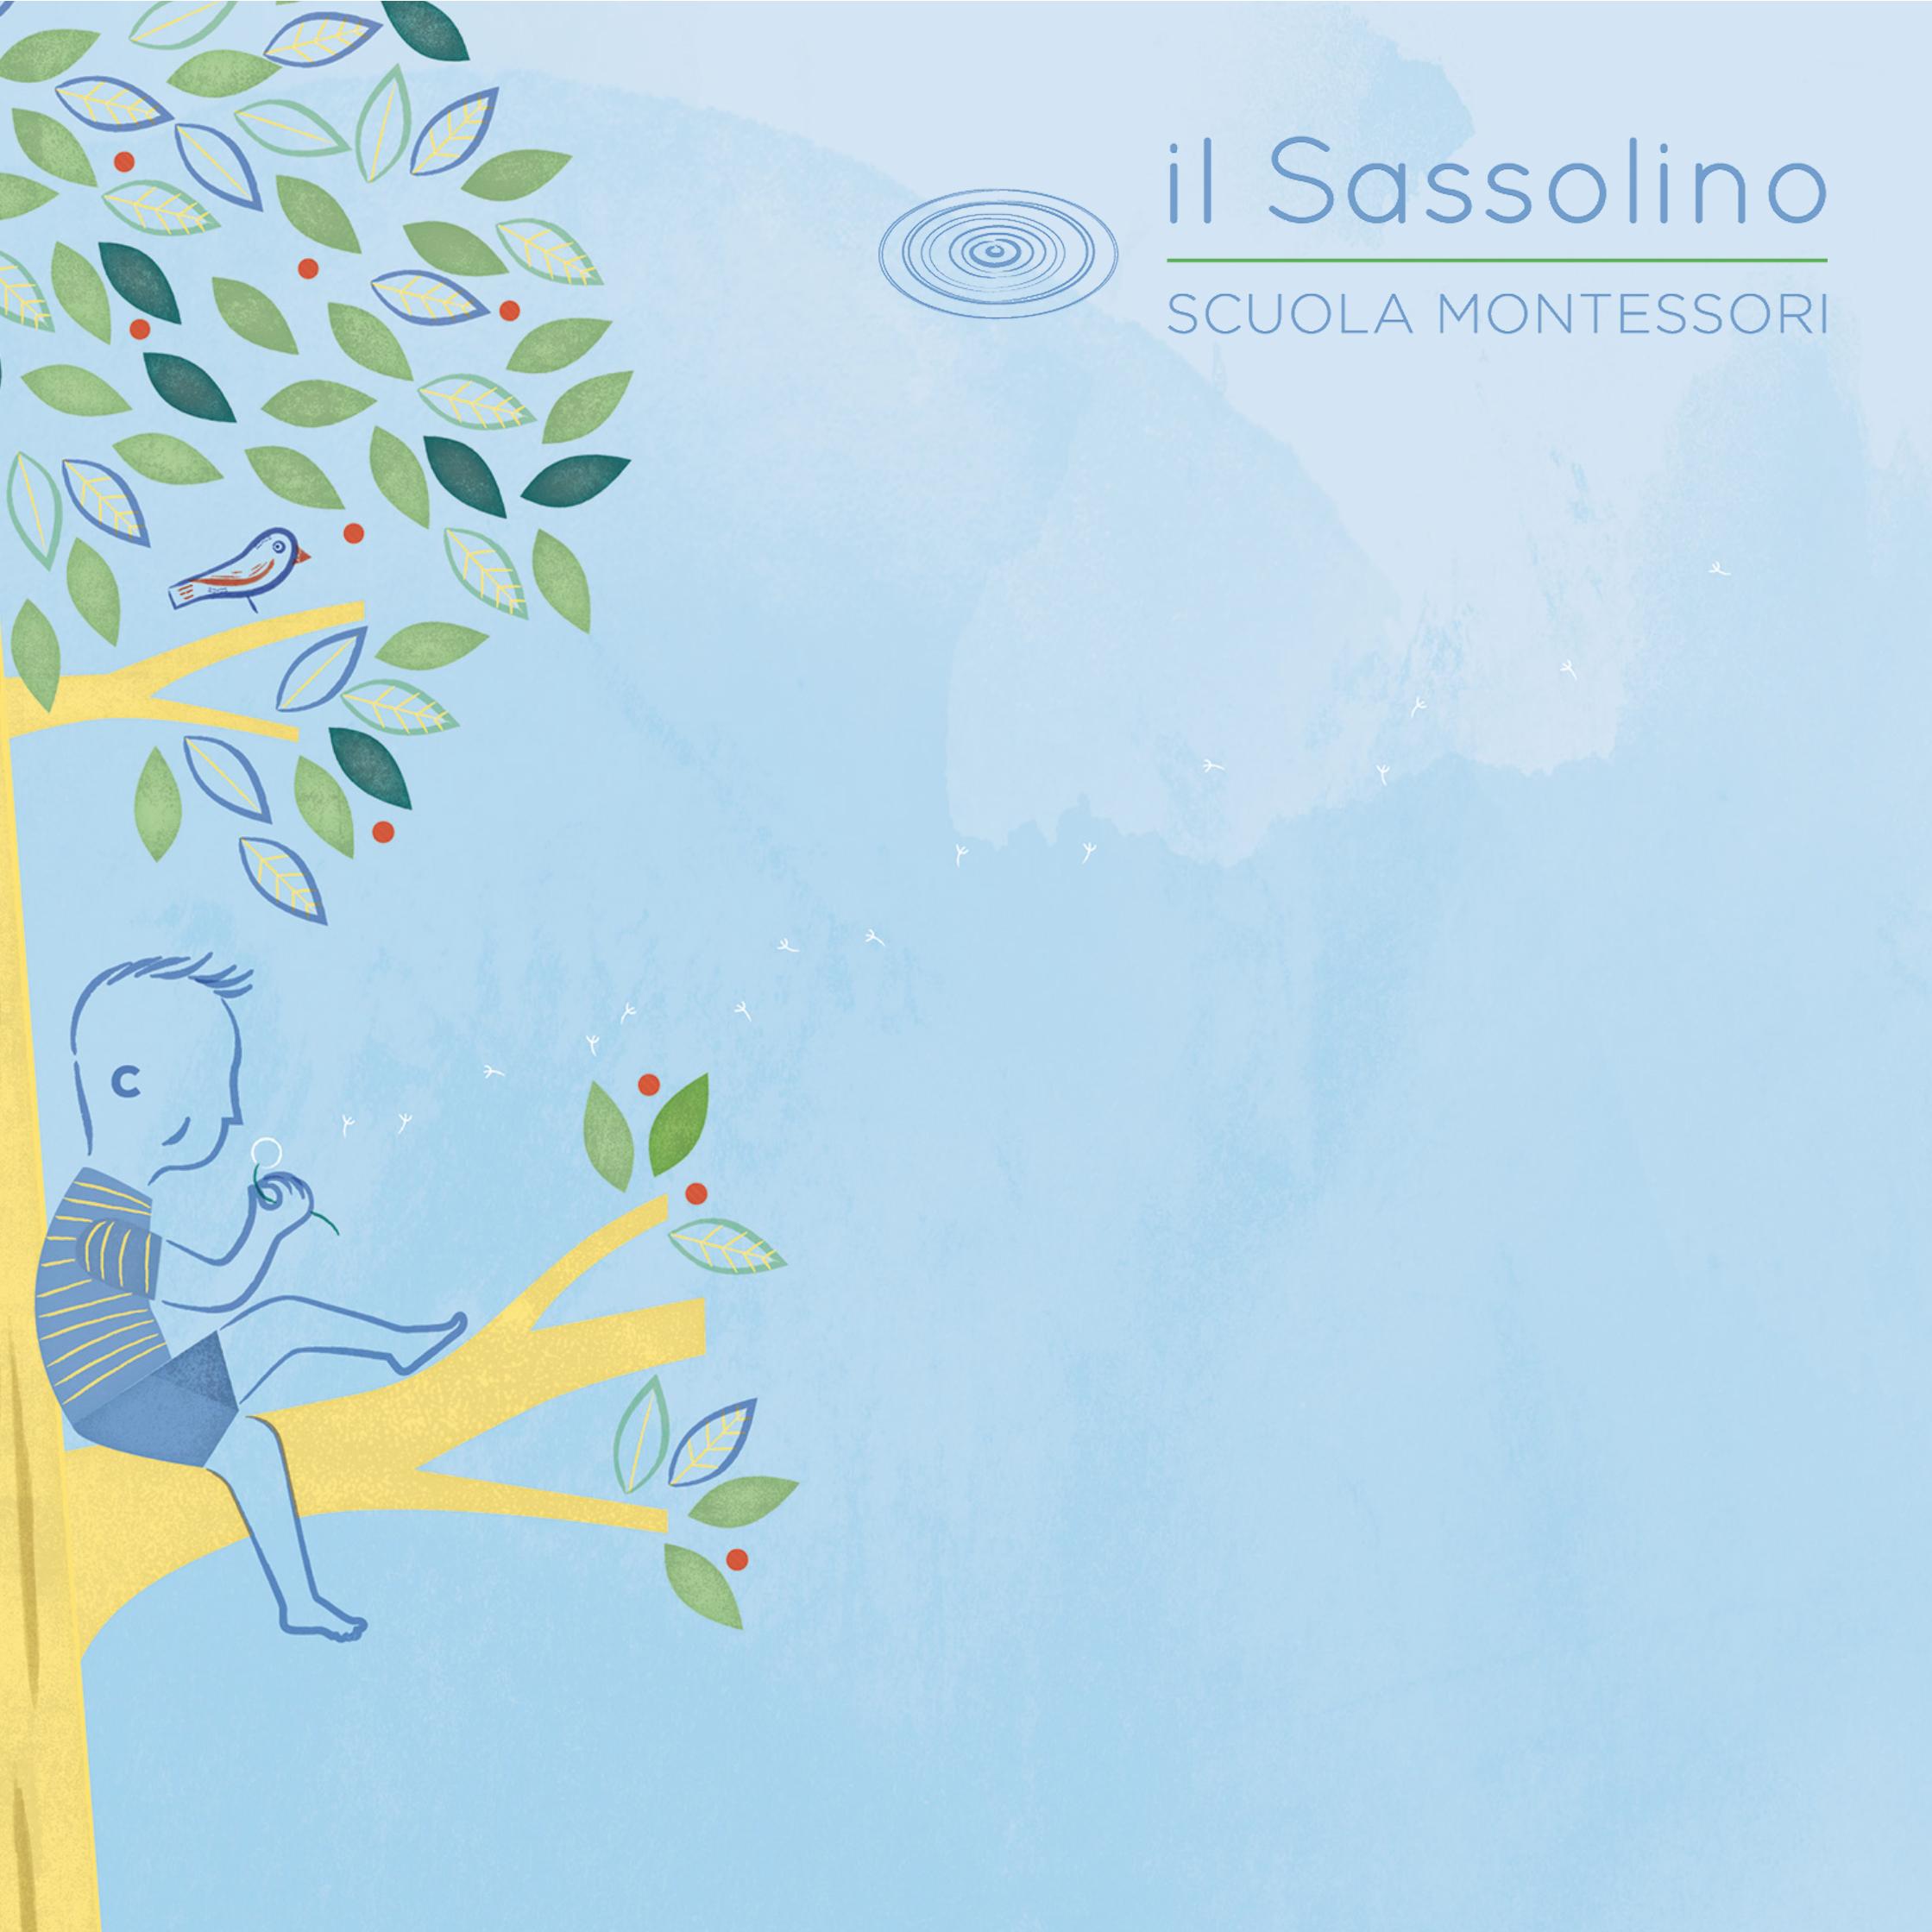 Le canzoni del Sassolino